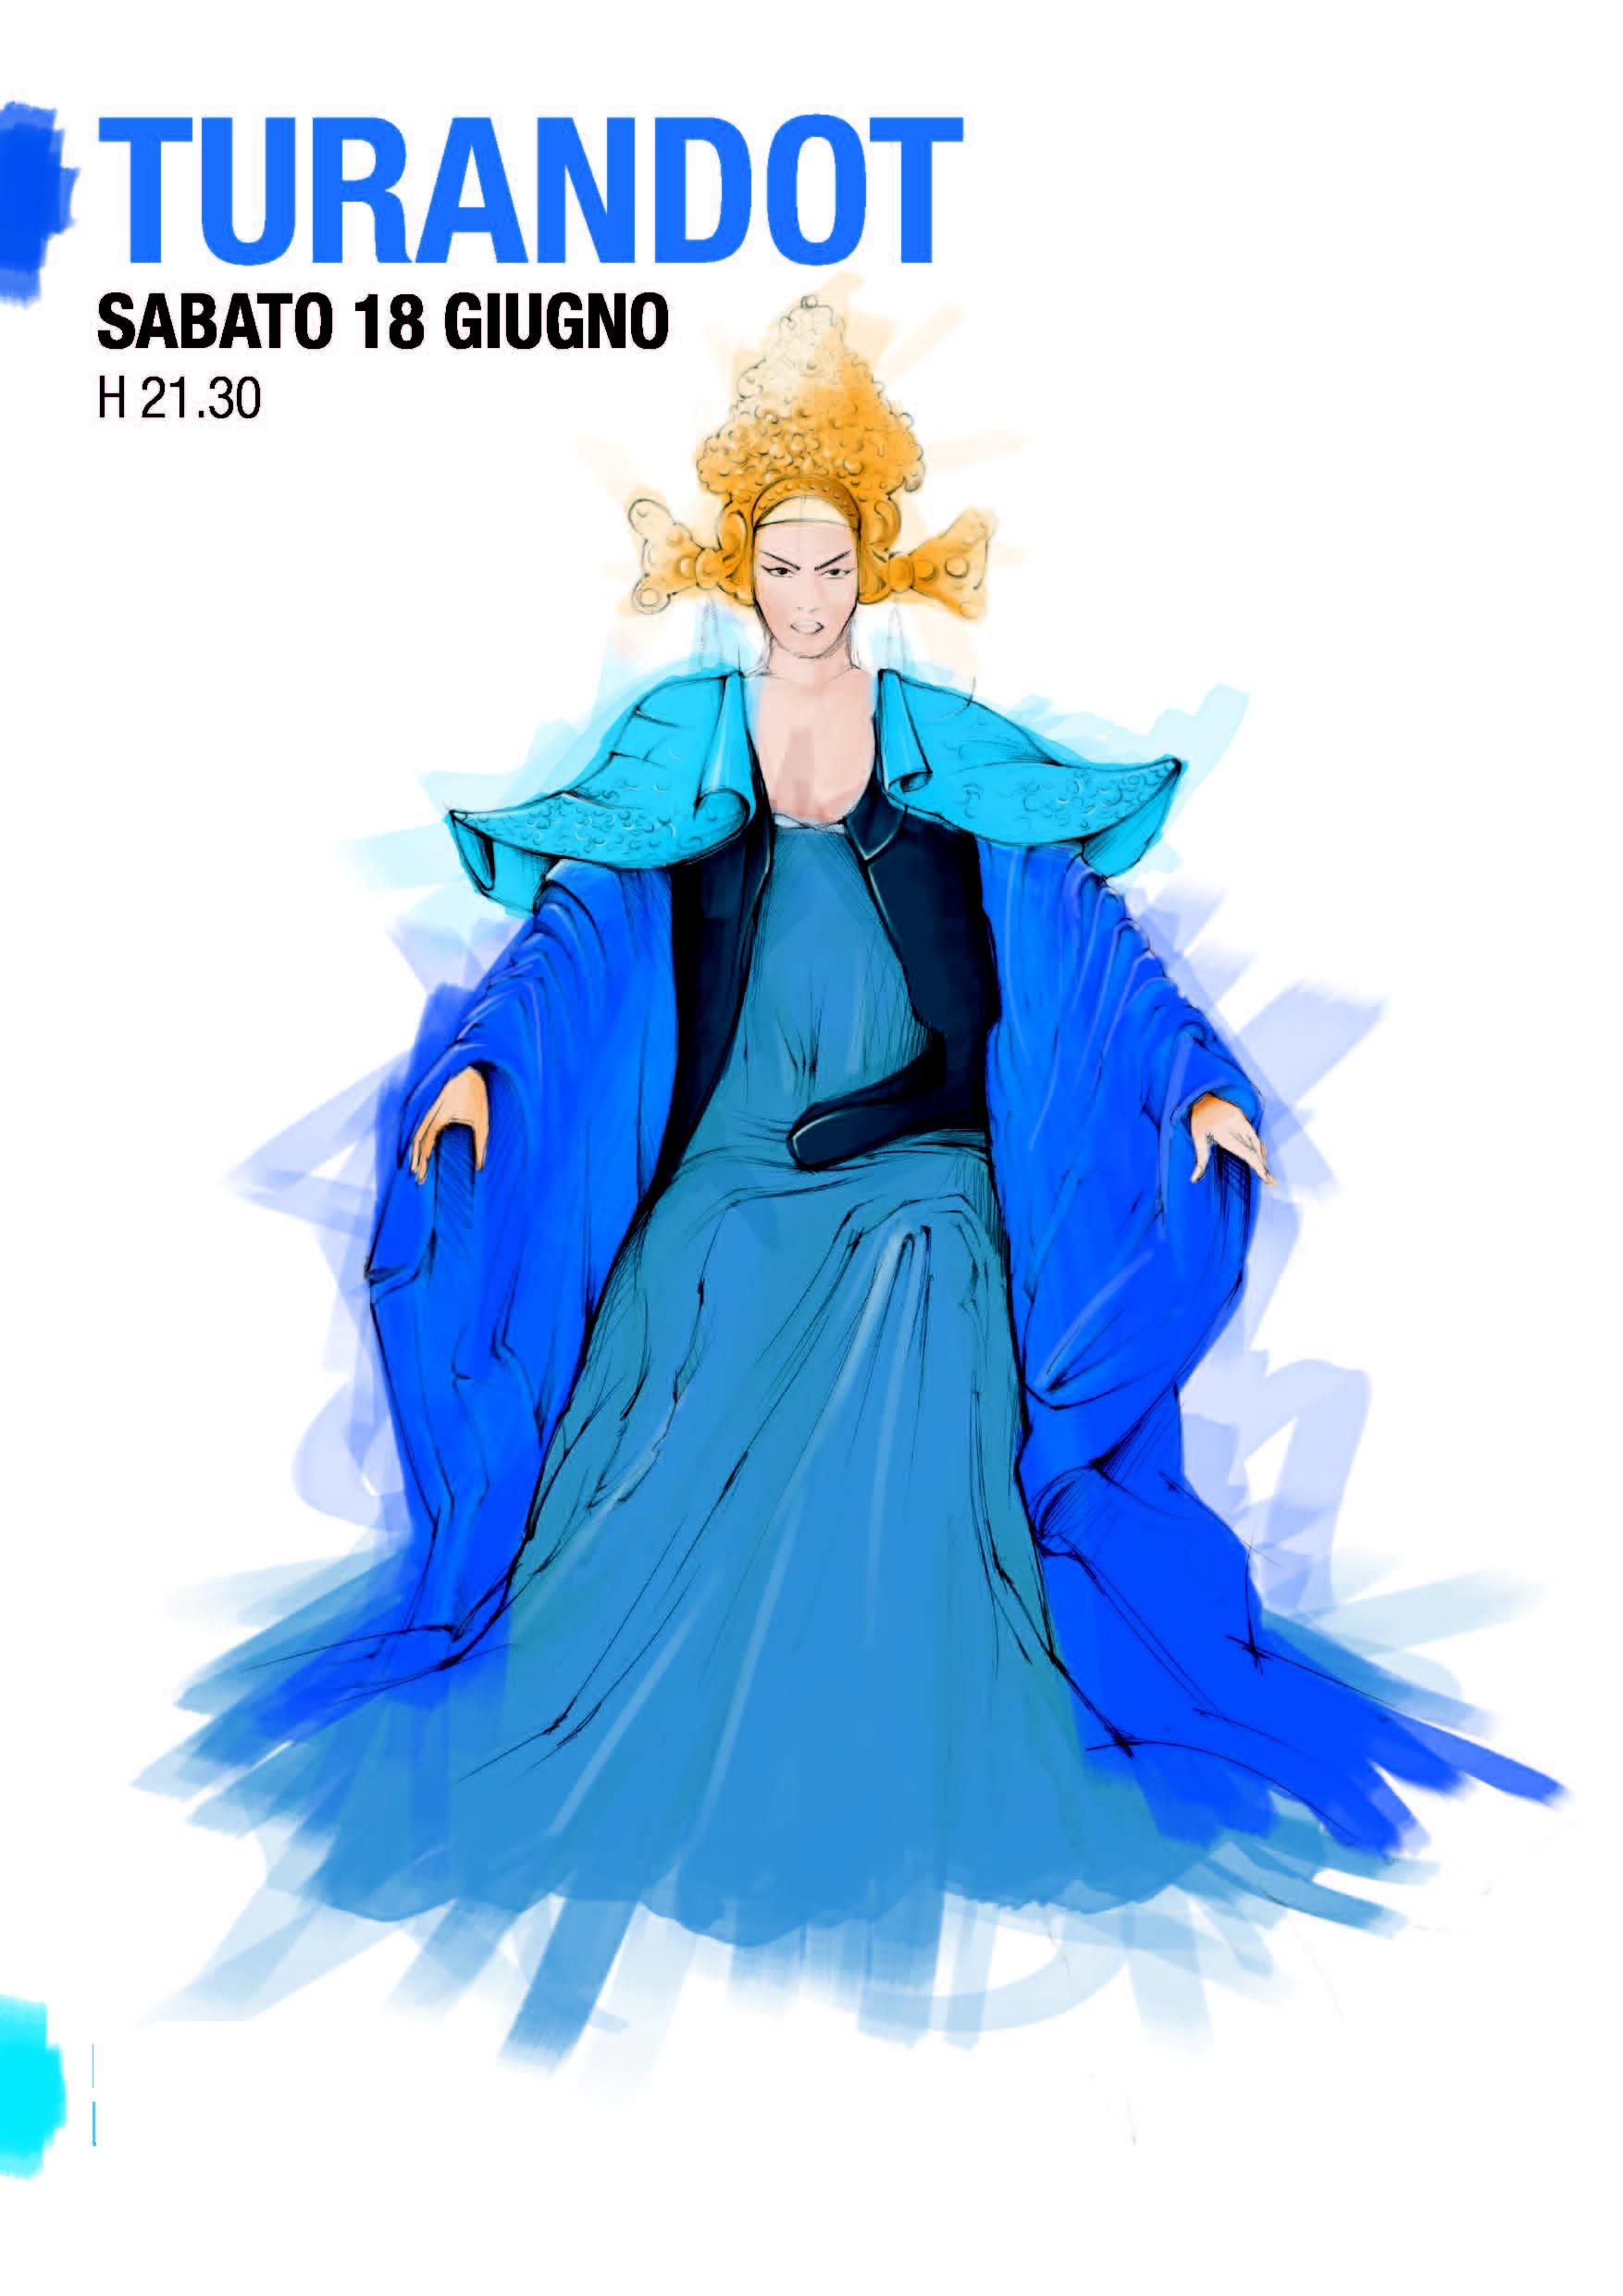 Turandot, disegno di Daniele Andreotti, designer di Demia